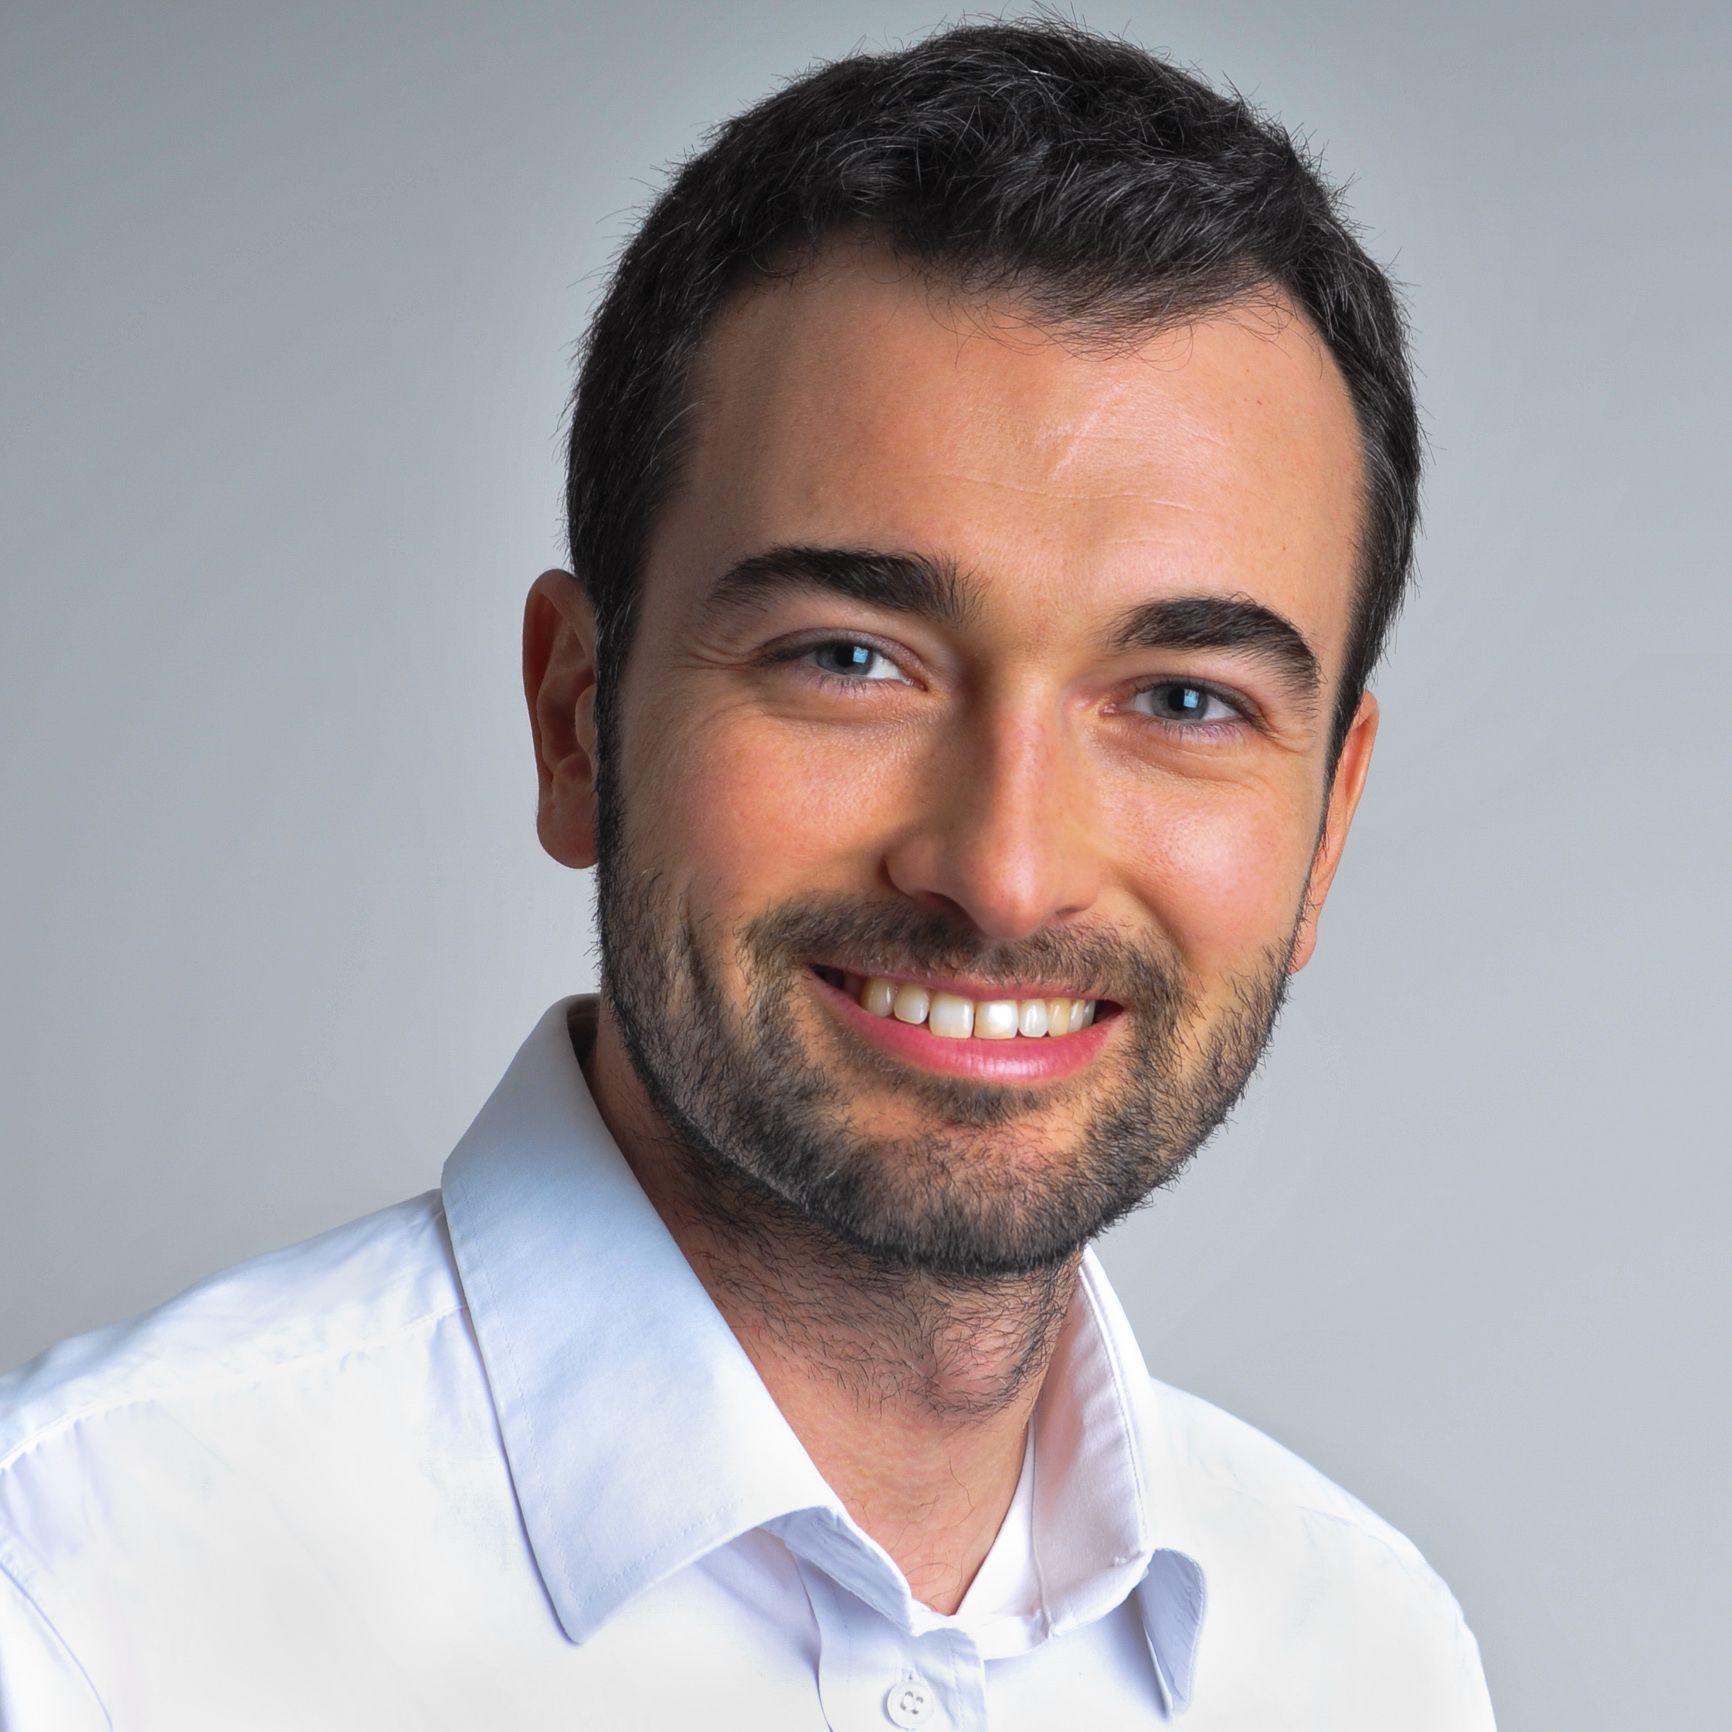 Daniele Molteni